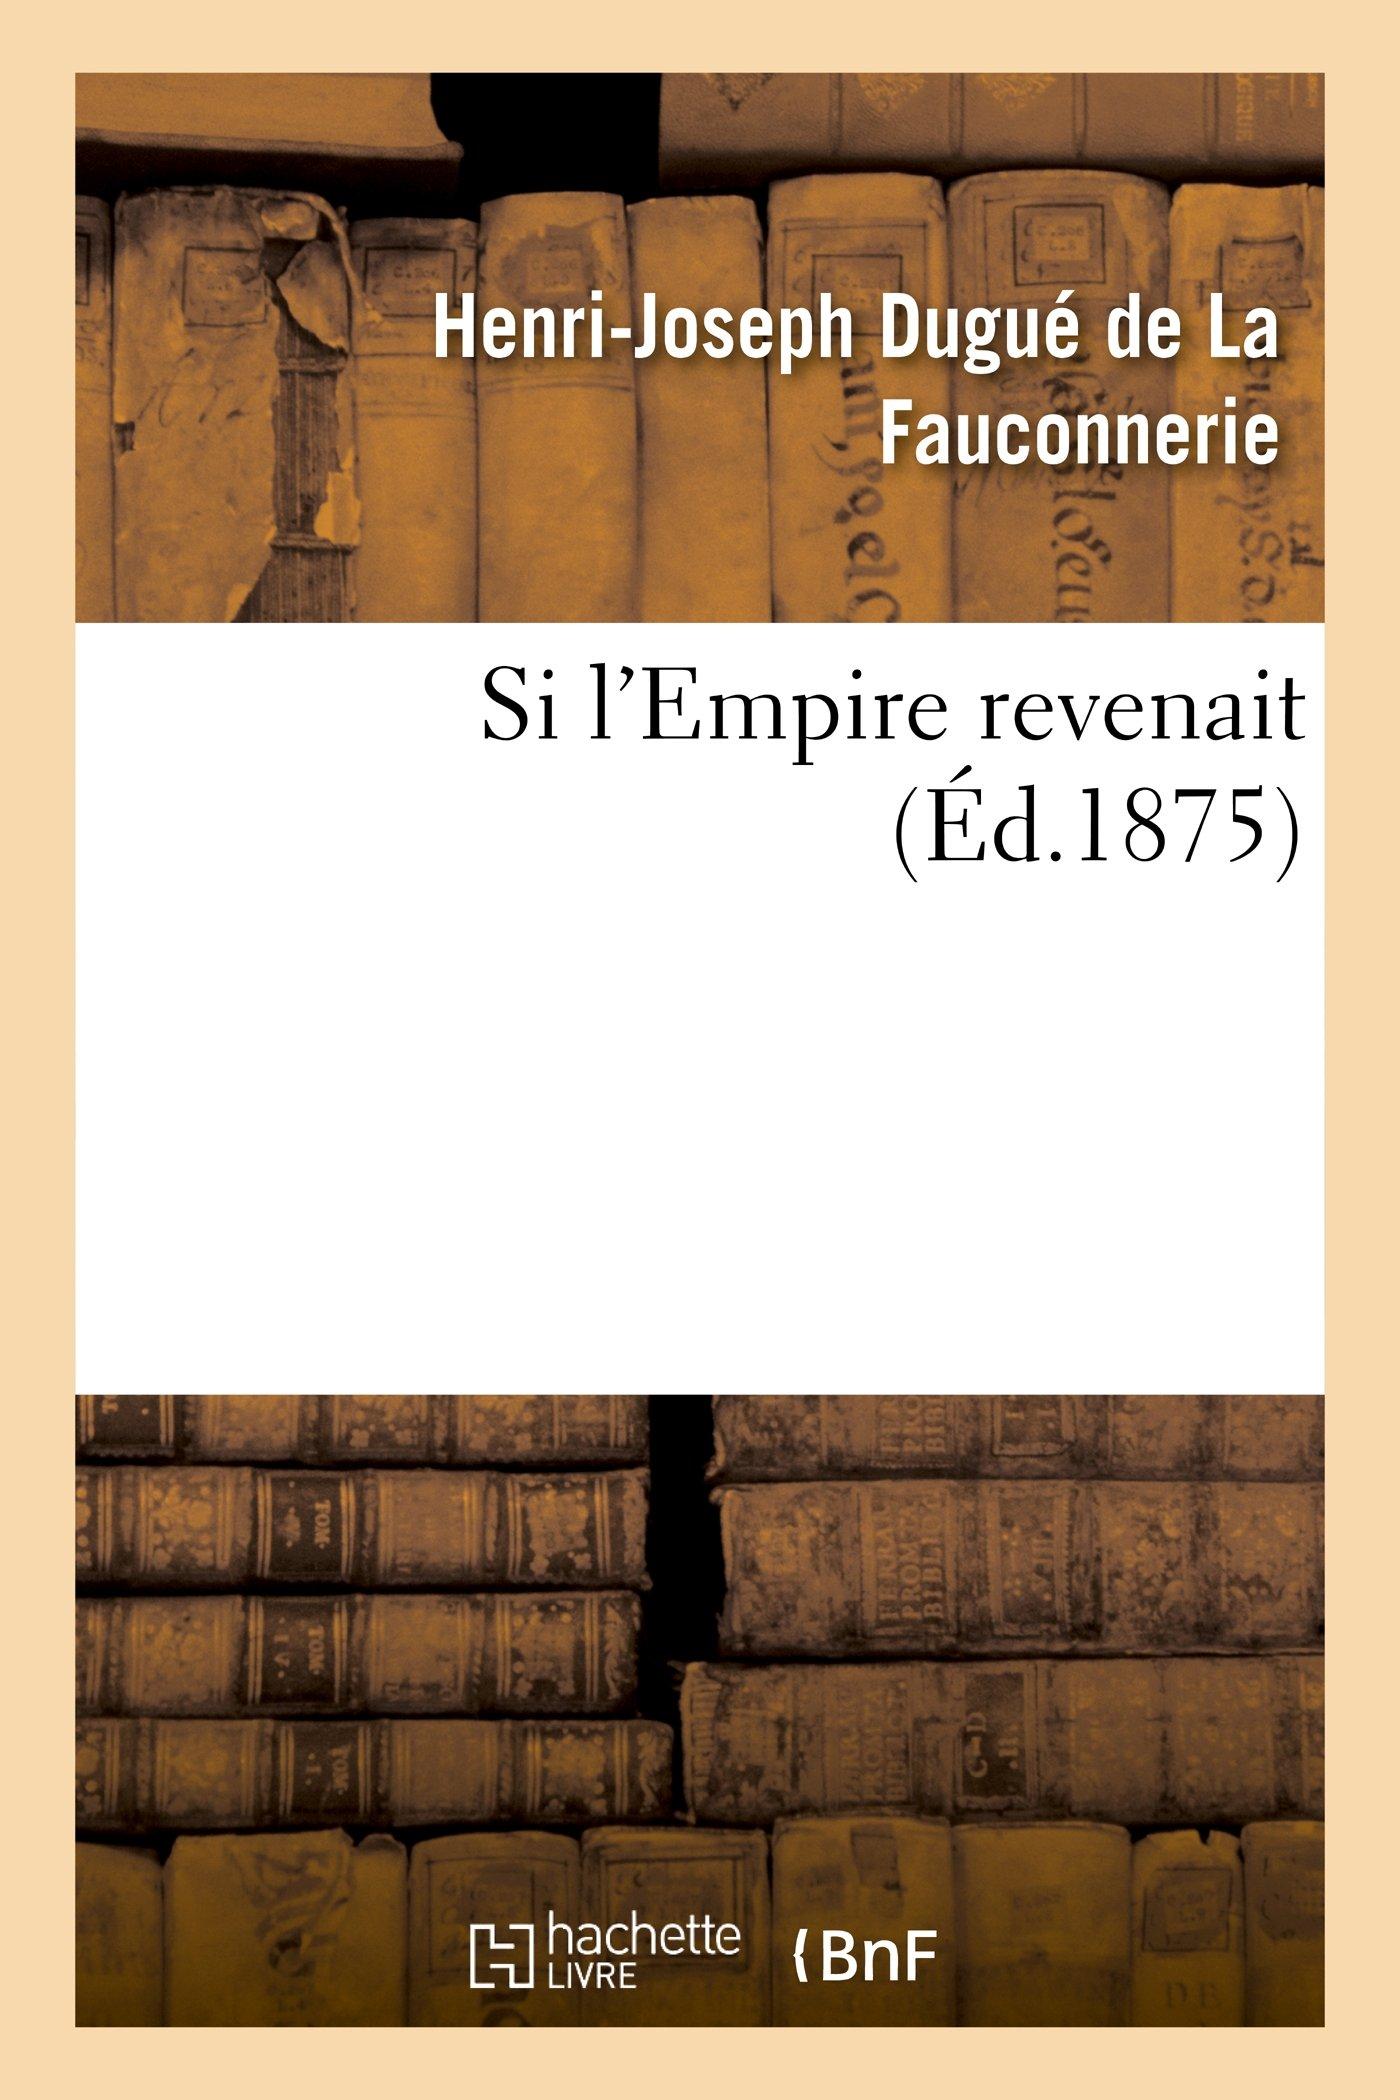 Read Online Si l'Empire revenait (Litterature) (French Edition) PDF ePub book